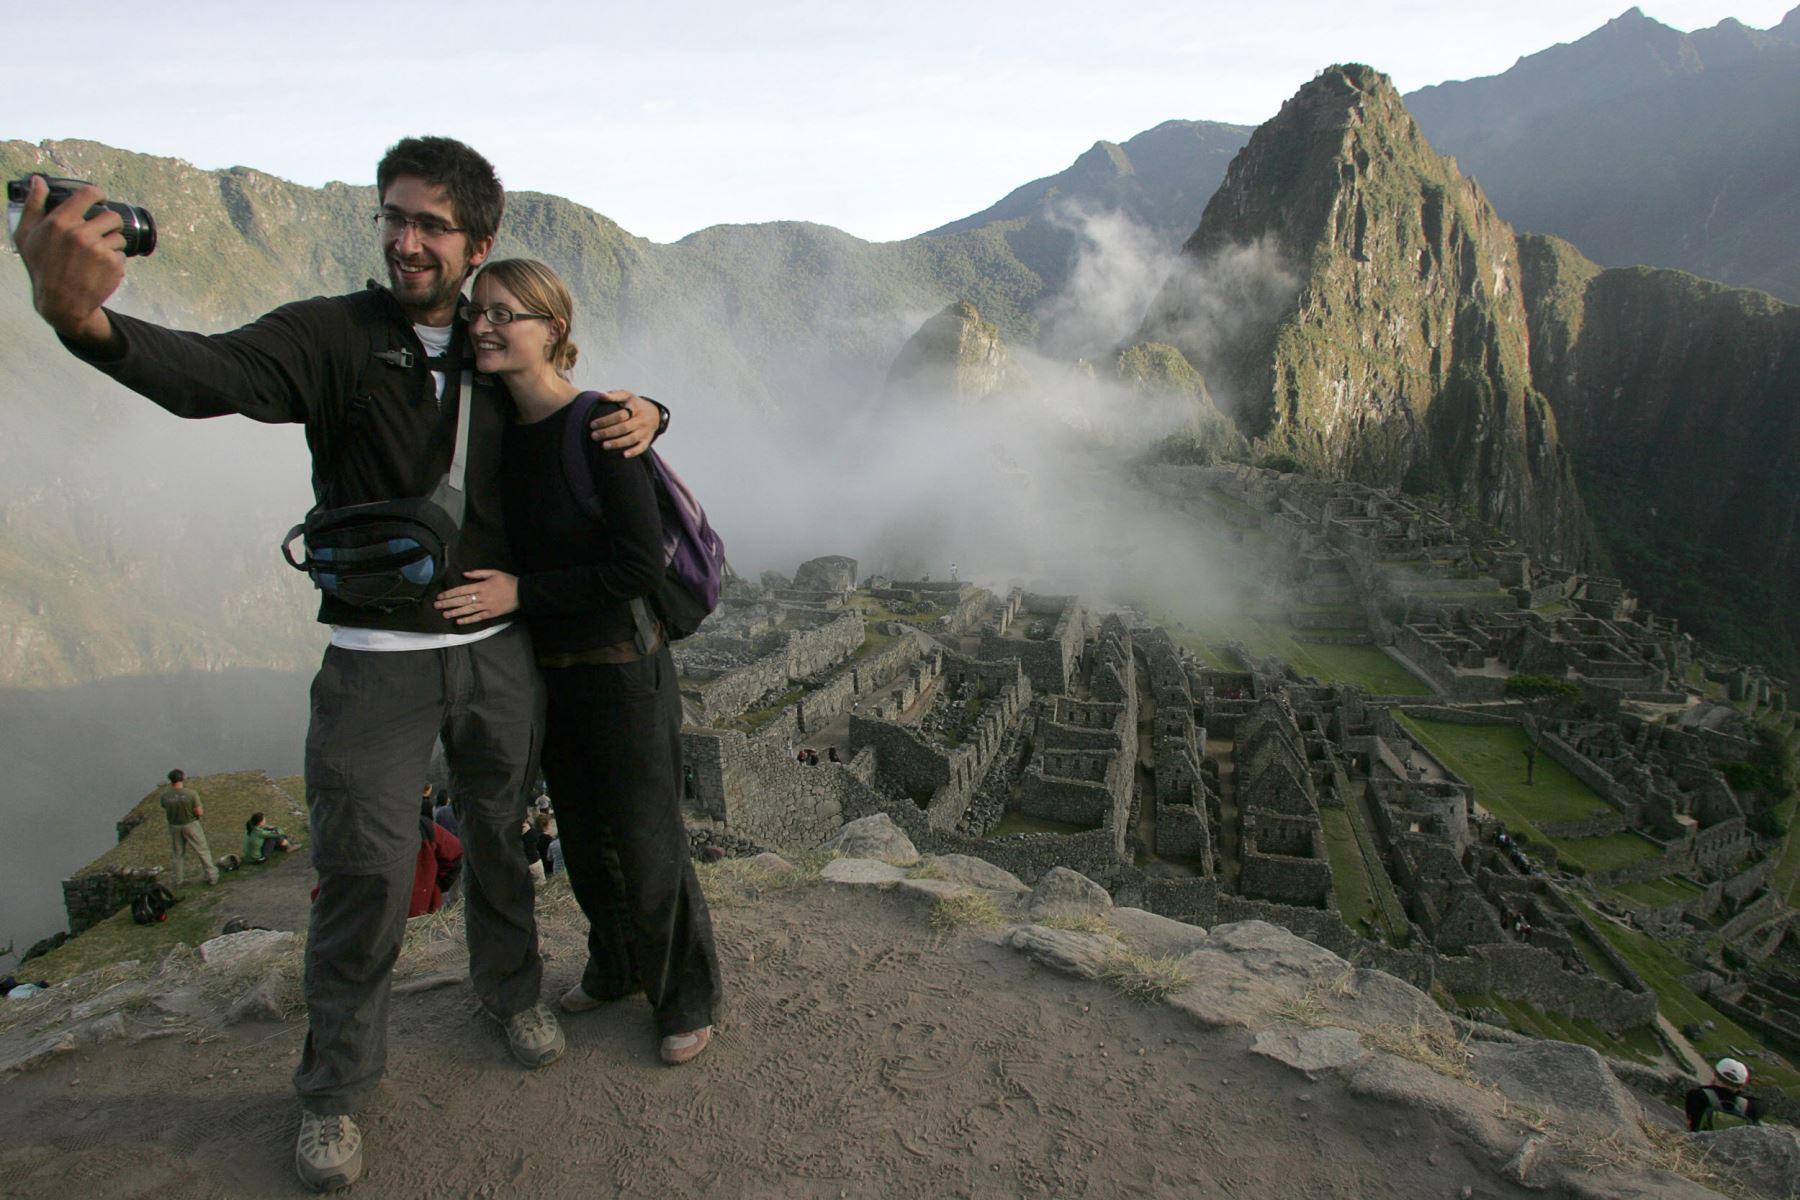 El sur peruano ostenta no solo al mayor atractivo turístico nacional: Machu Picchu, sino a un sinnúmero de otros destinos distribuidos en las regiones de Arequipa, Apurímac, Ayacucho, Ica, Cusco, Madre de Dios, Moquegua, Puno y Tacna. La celebración del Día Mundial del Turismo nos invita a viajar por el Perú con ofertas de hasta 50% de descuento que consigna el portal Y tú qué planes?. AFP